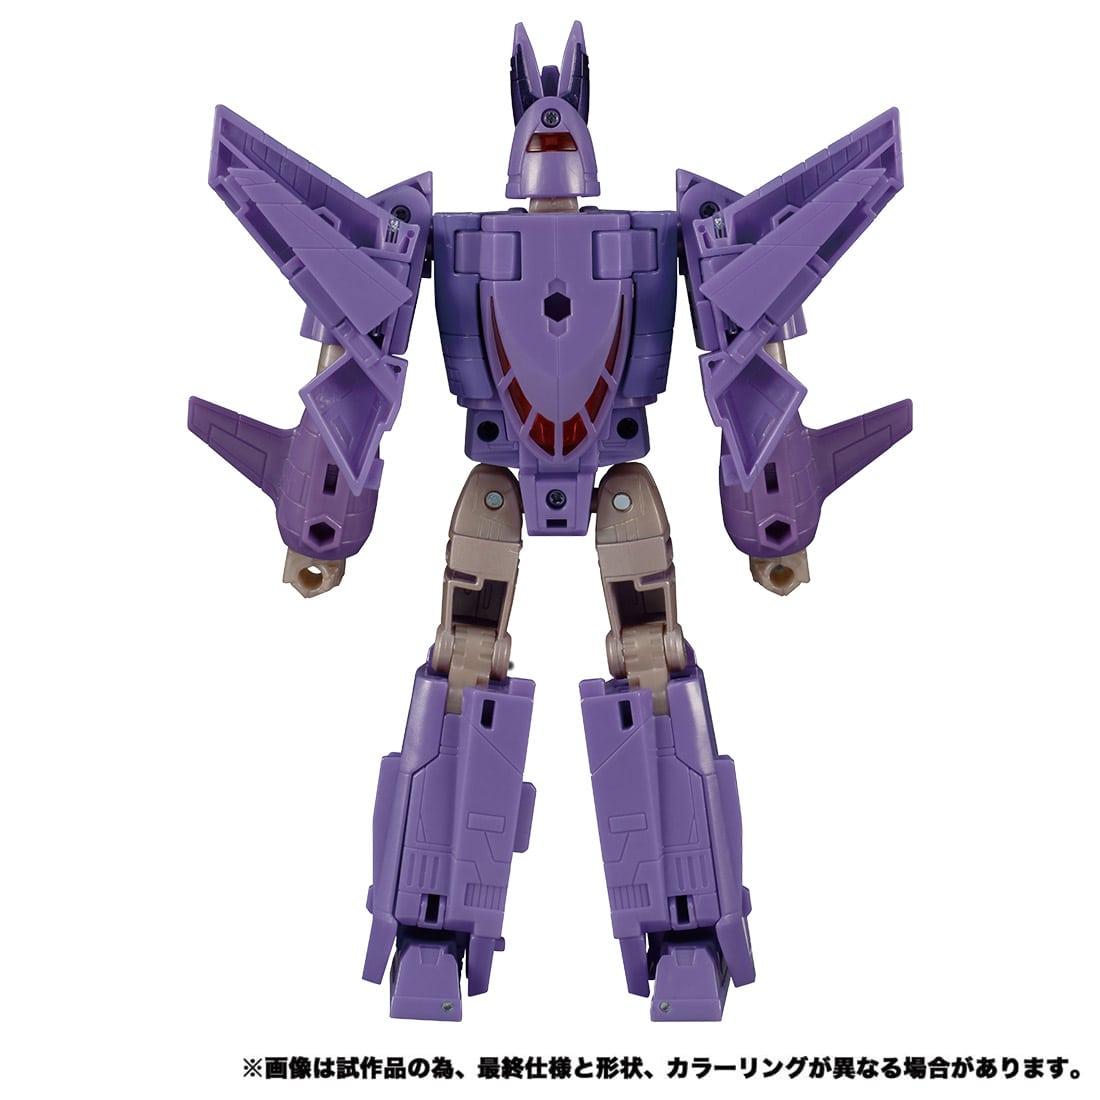 トランスフォーマー キングダム『KD-07 サイクロナス』可変可動フィギュア-006